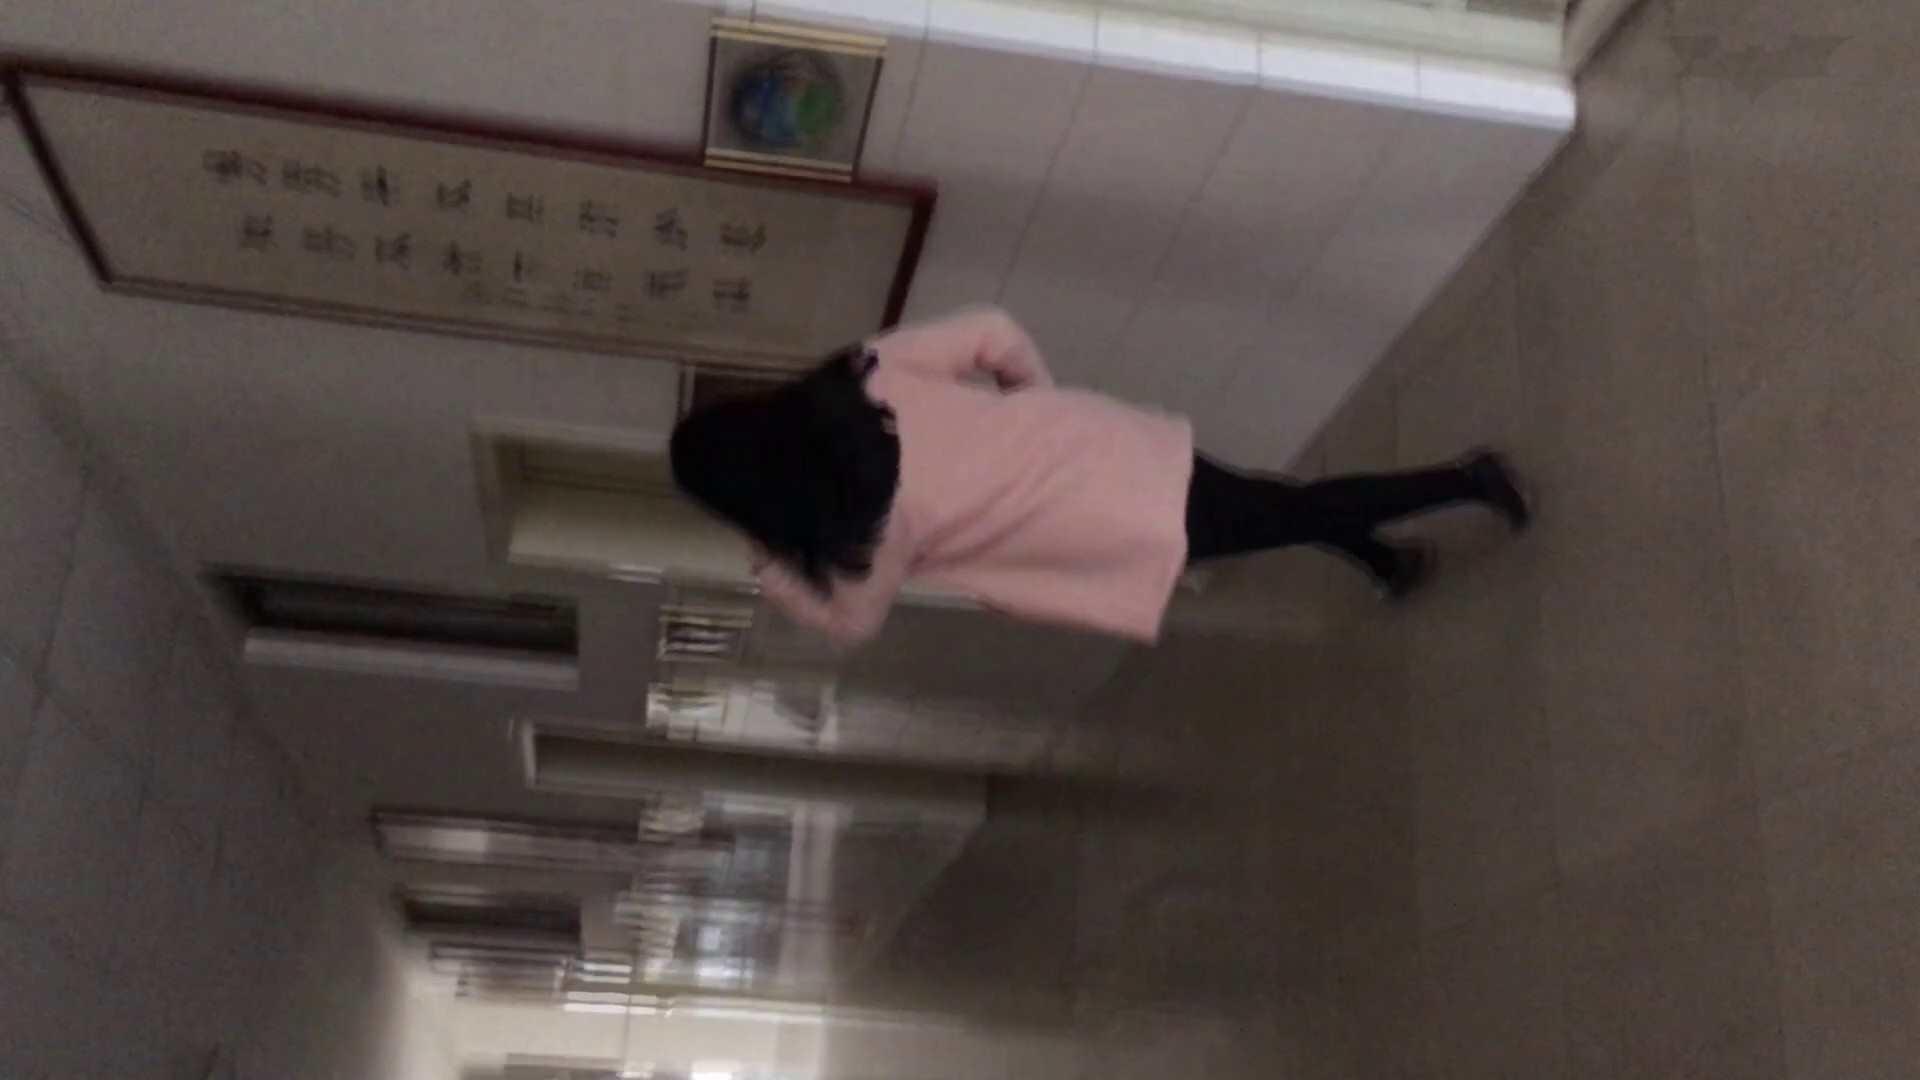 芸術大学ガチ潜入盗撮 JD盗撮 美女の洗面所の秘密 Vol.80 洗面所 AV動画キャプチャ 69画像 18